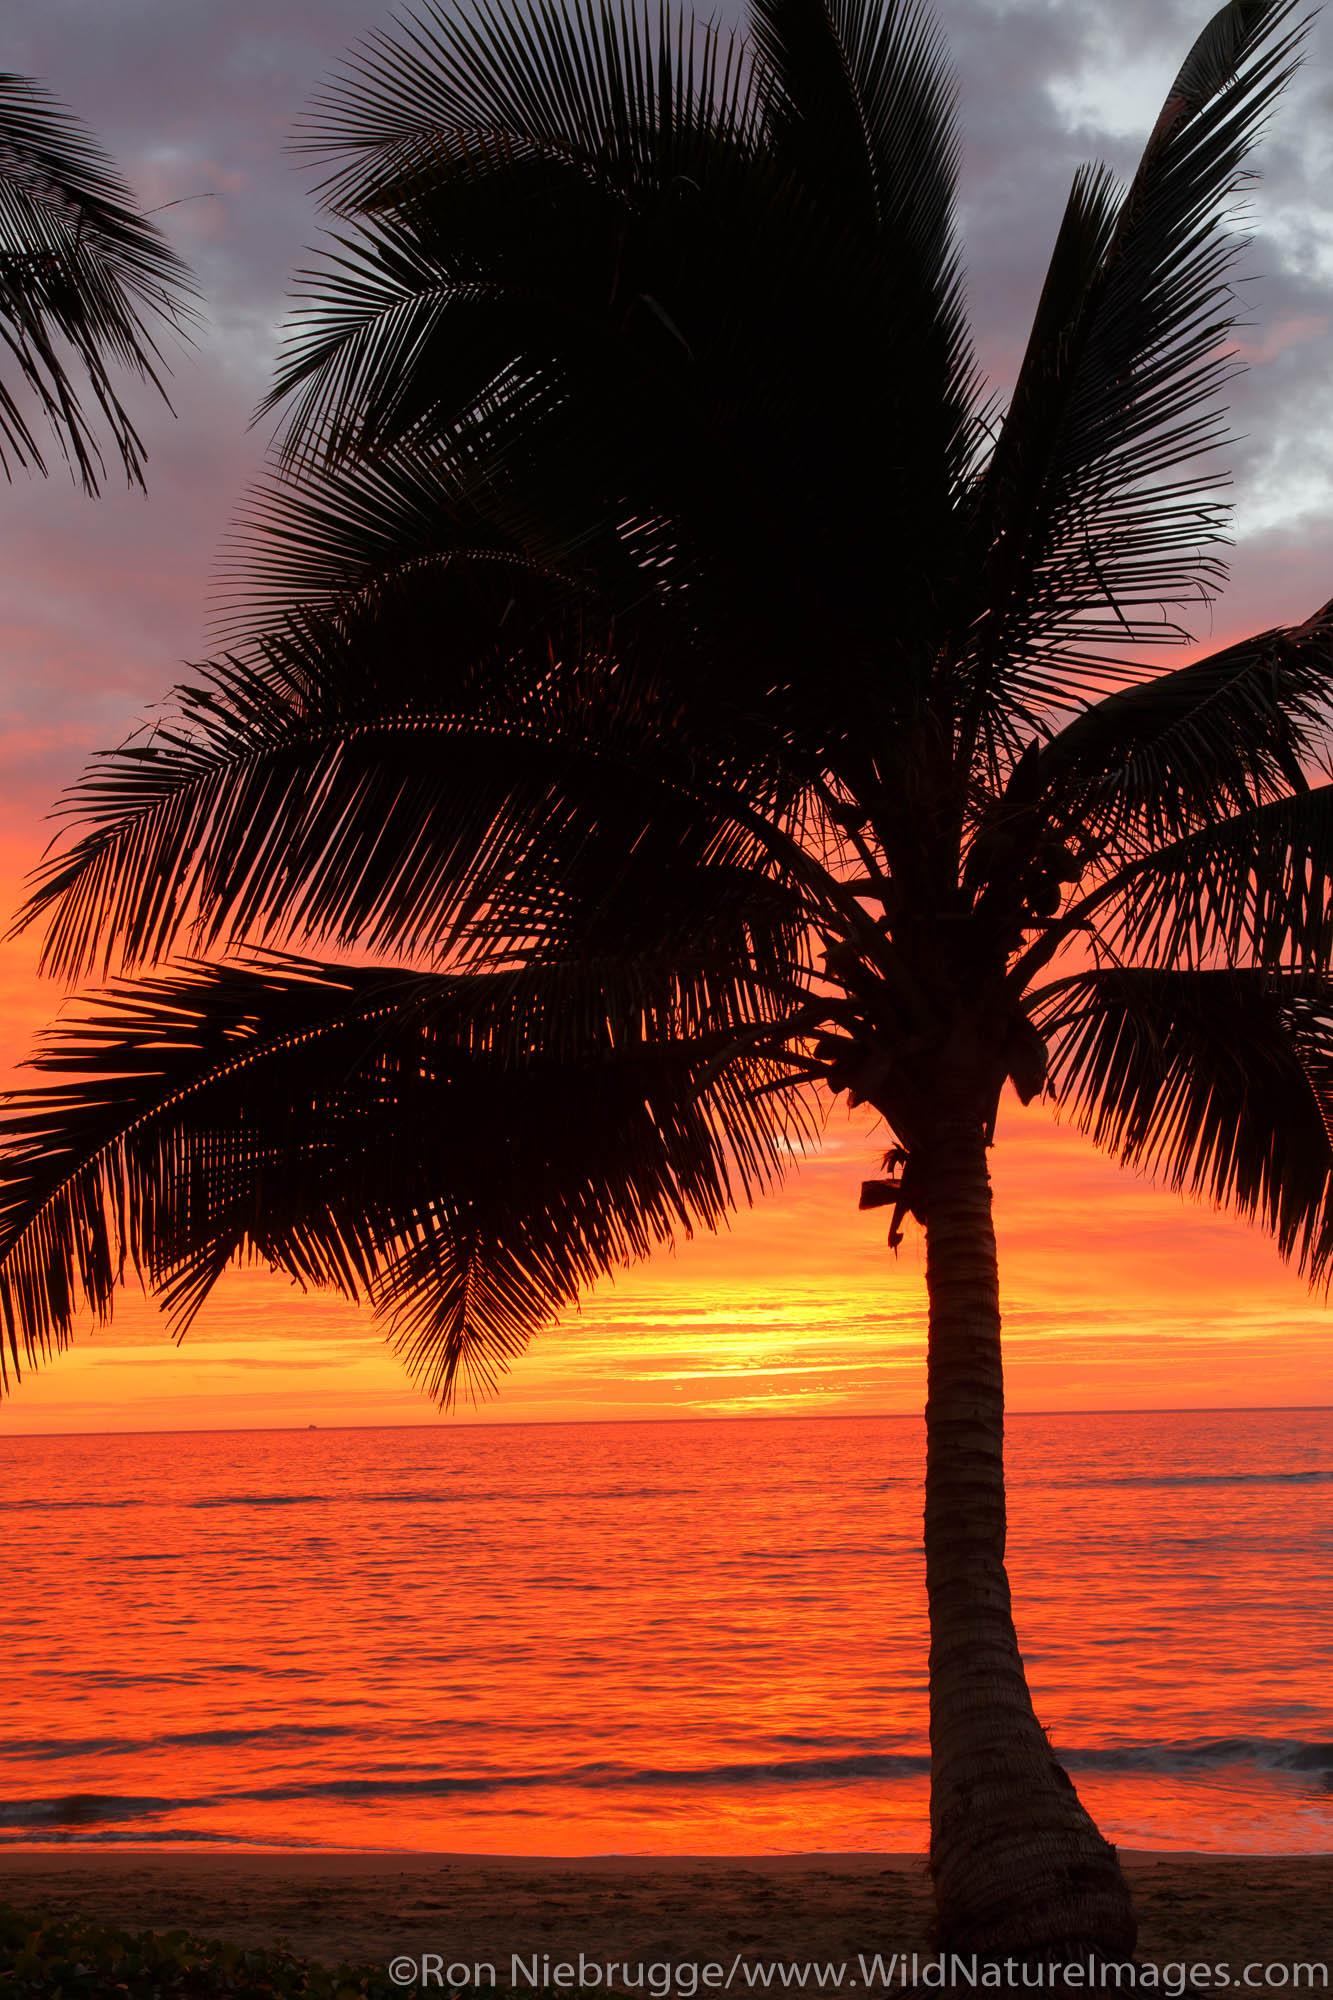 Sunset on Mai Poina 'Oe La'u Beach Park, Maui, Hawaii.